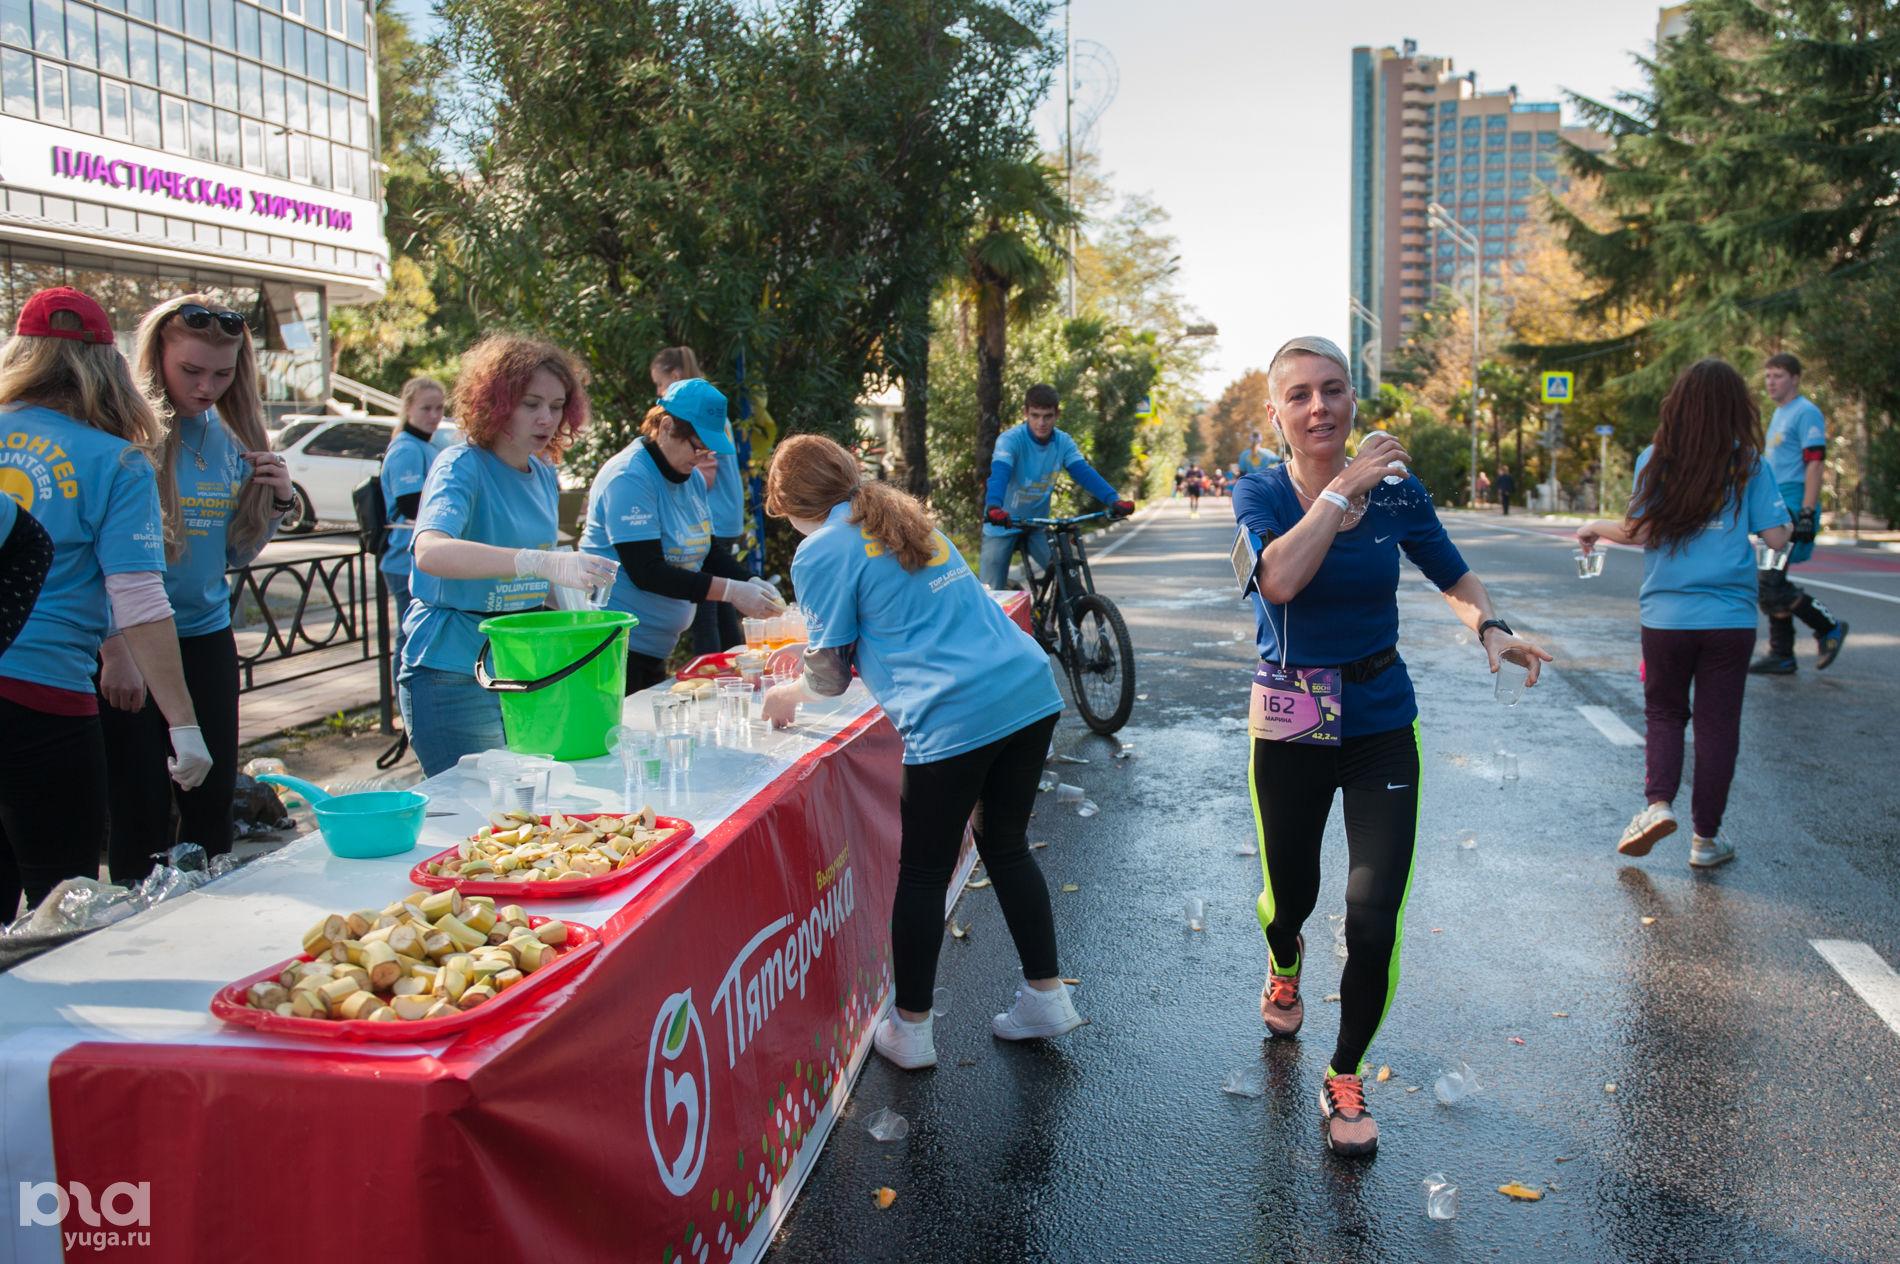 В Сочи прошел первый международный марафон, фото Нины Зотиной ©Фото Юга.ру